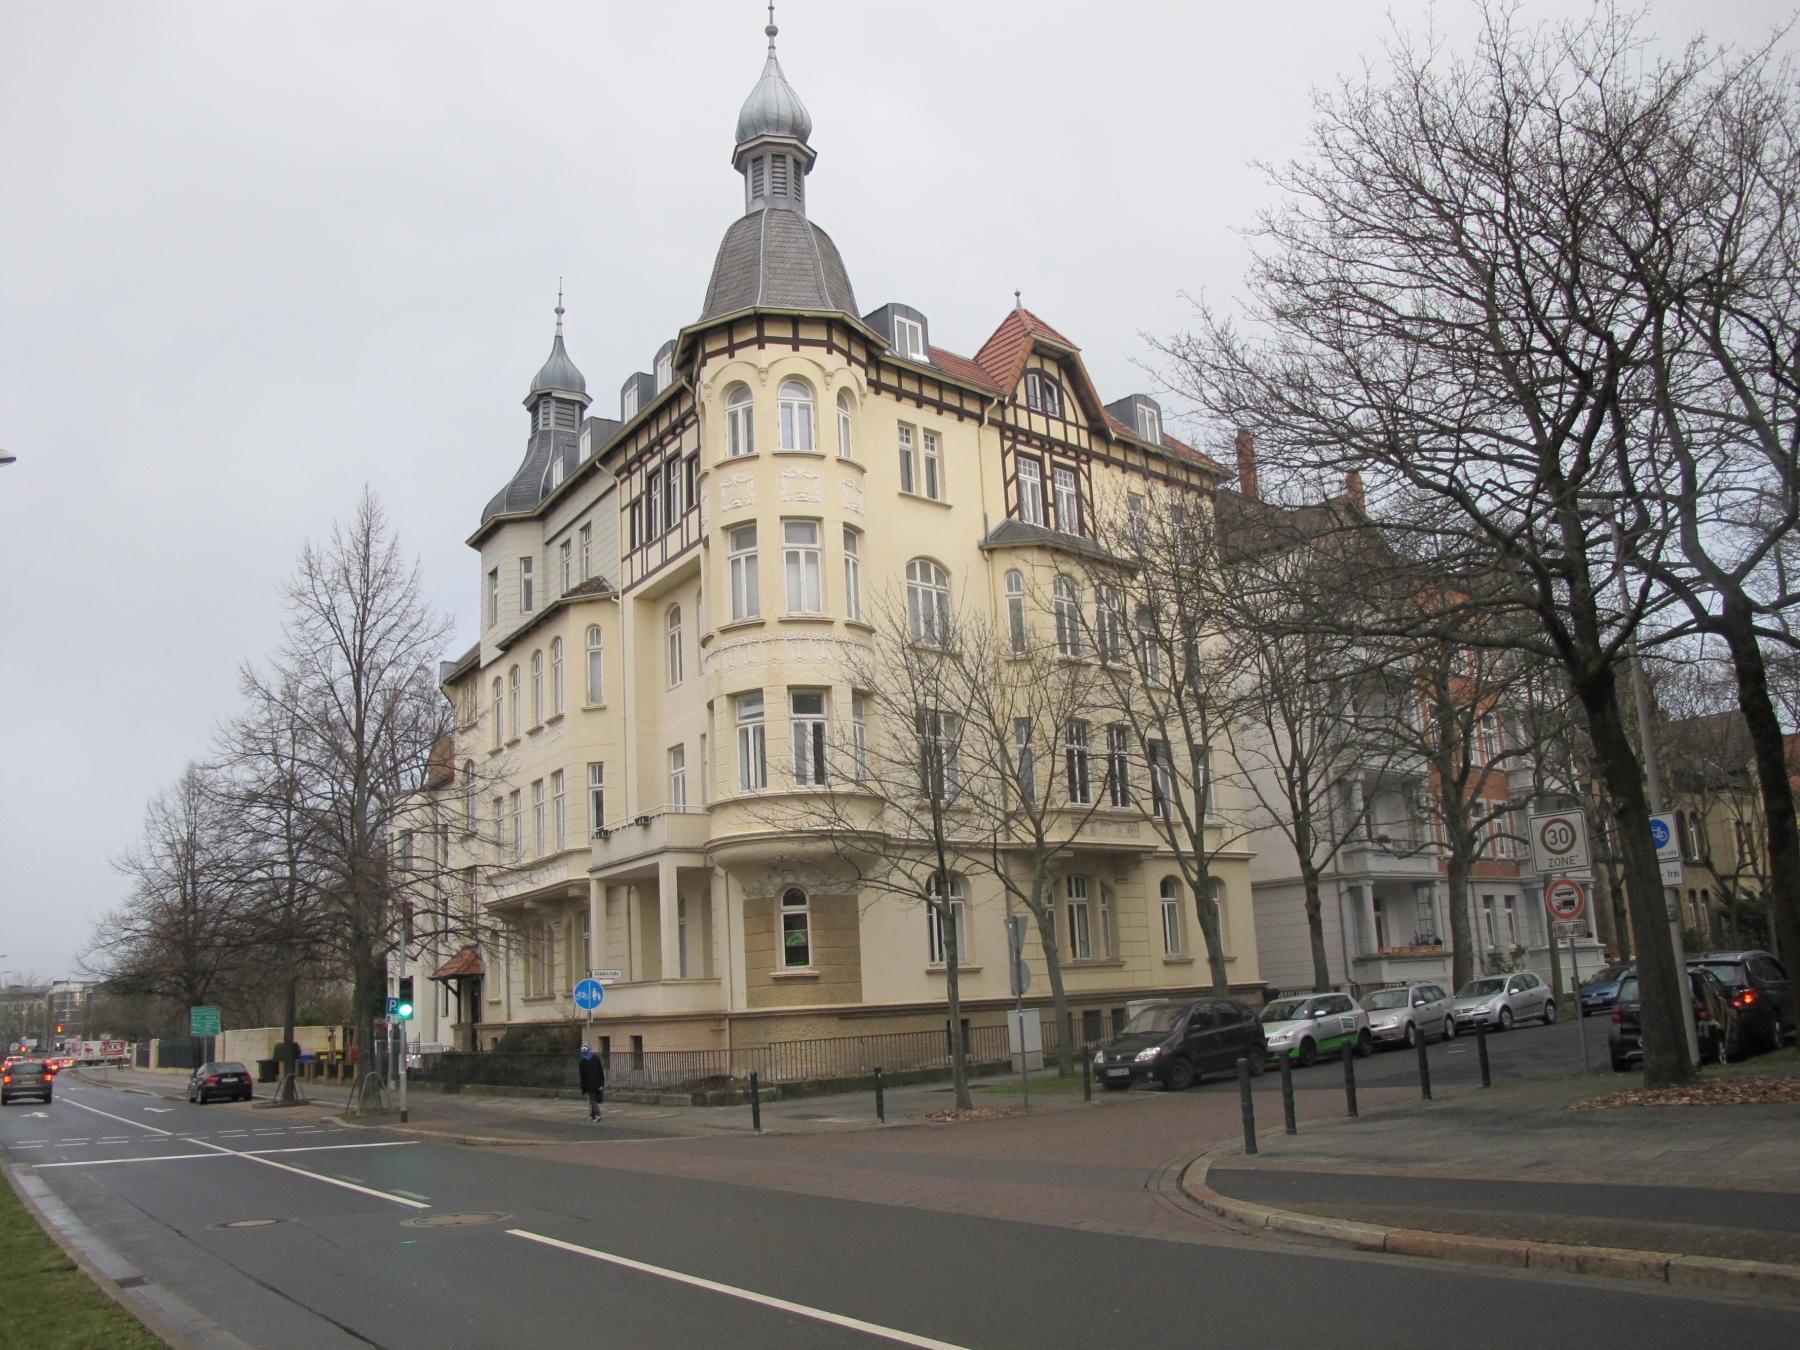 Repräsentatives Jugendstil Gebäude in 38102 Braunschweig